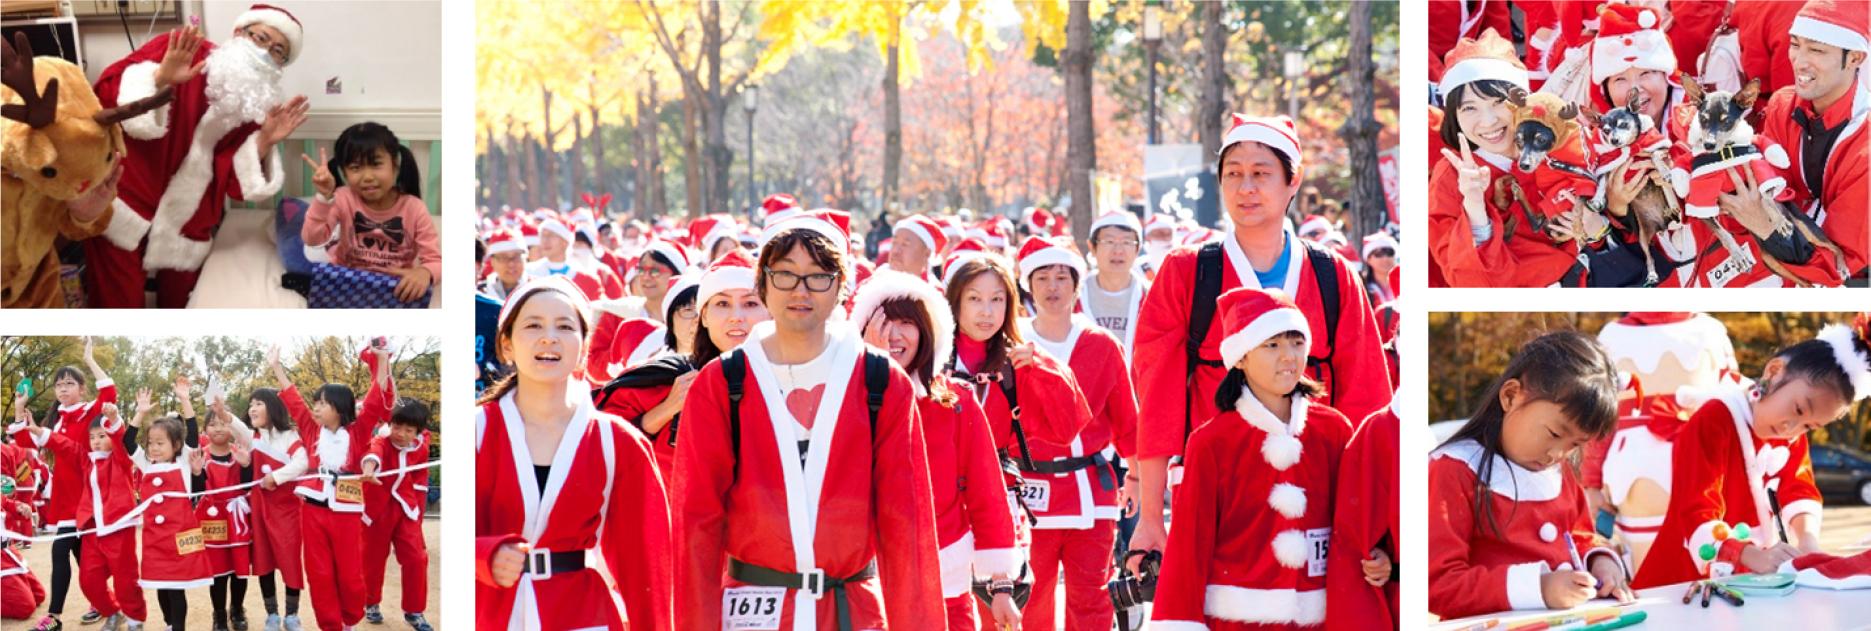 サンタクロース姿のランナーが神宮外苑に集結!(※画像はイメージ)